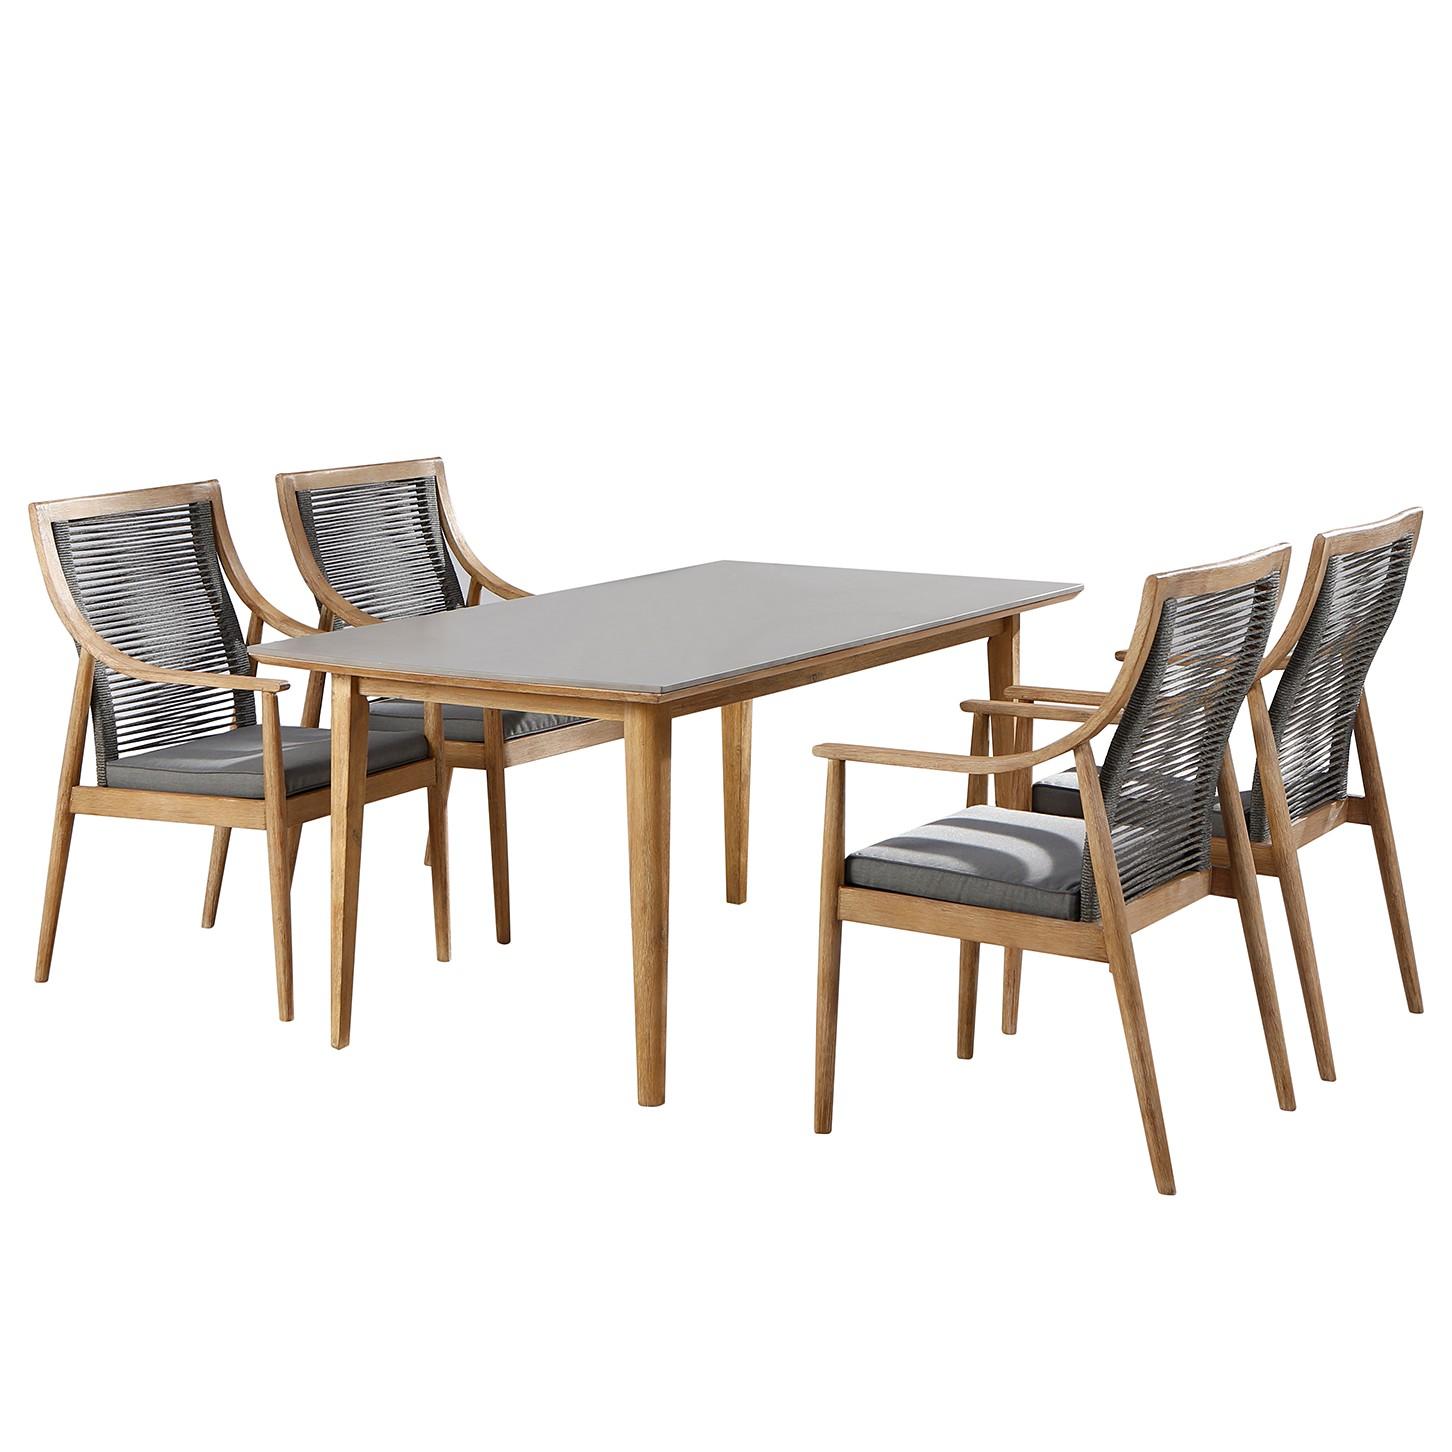 9c98e9d5fda249 Holz Stühle Creme Preisvergleich • Die besten Angebote online kaufen